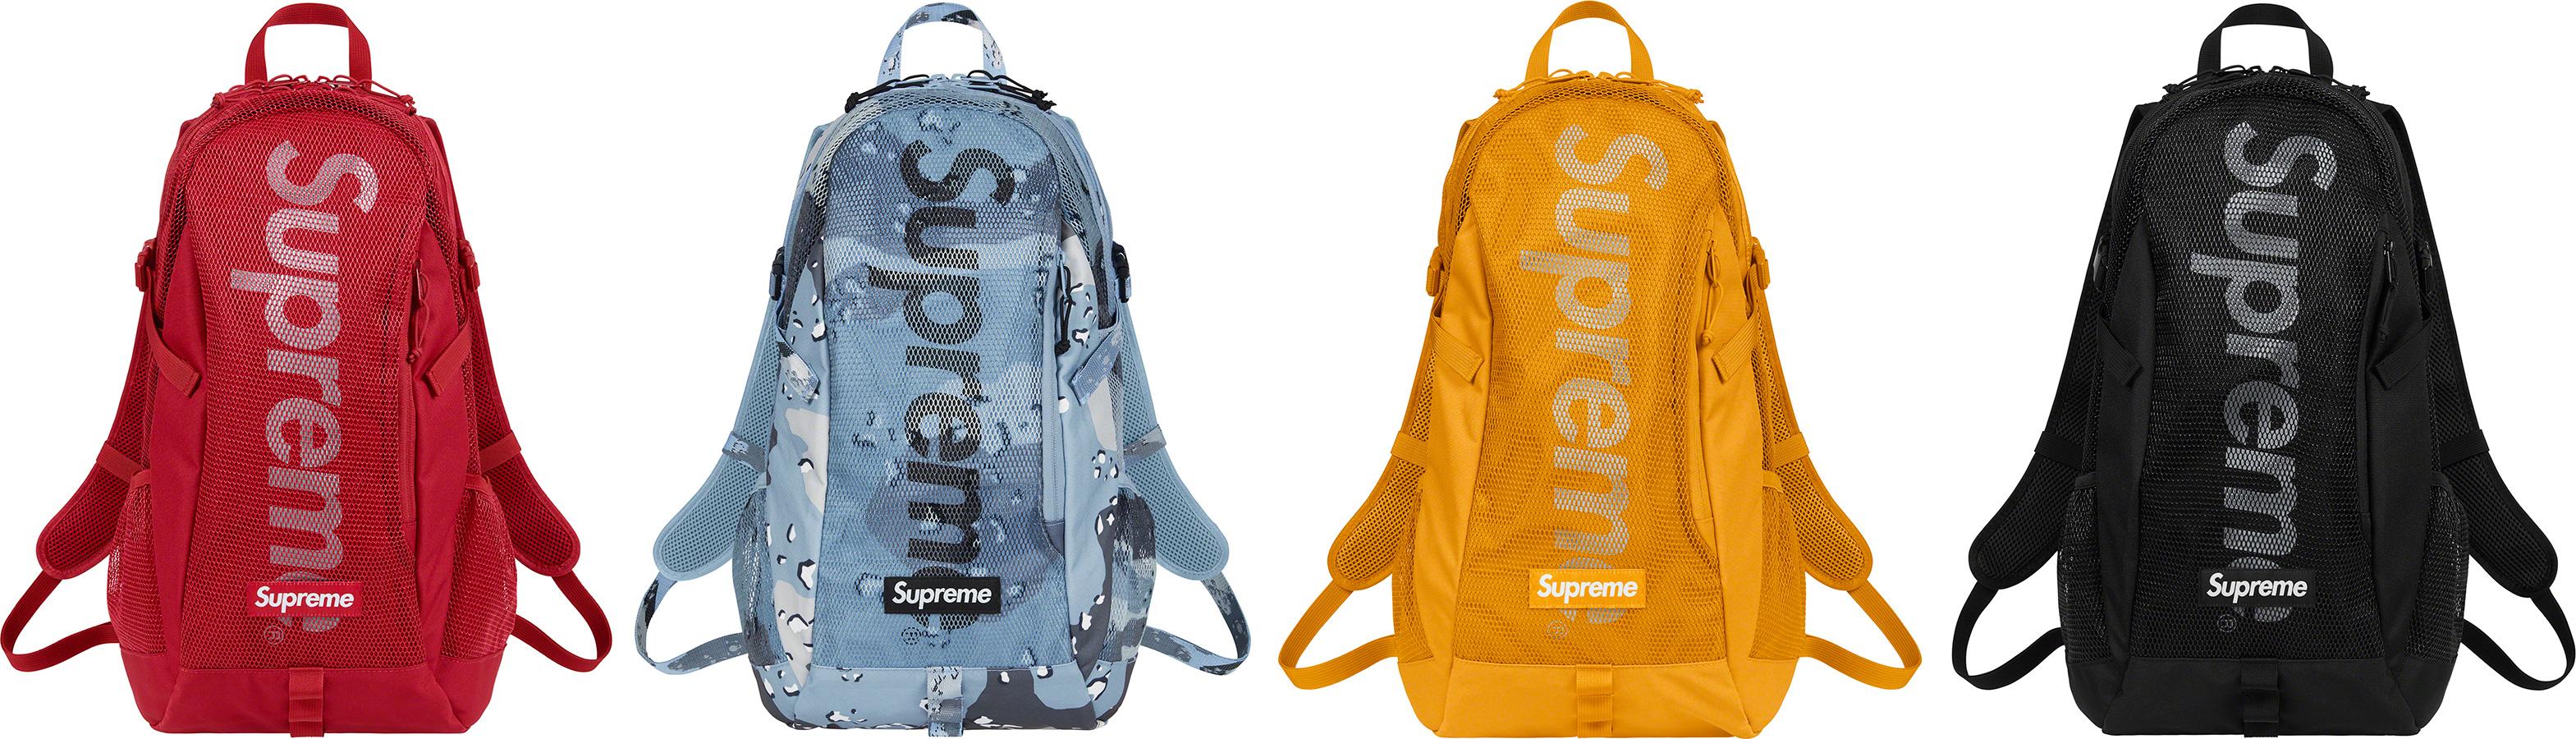 【バッグ/BAGS まとめ】 シュプリーム (SUPREME) 2020 SPRING/SUMMER コレクション (2020年 春夏)